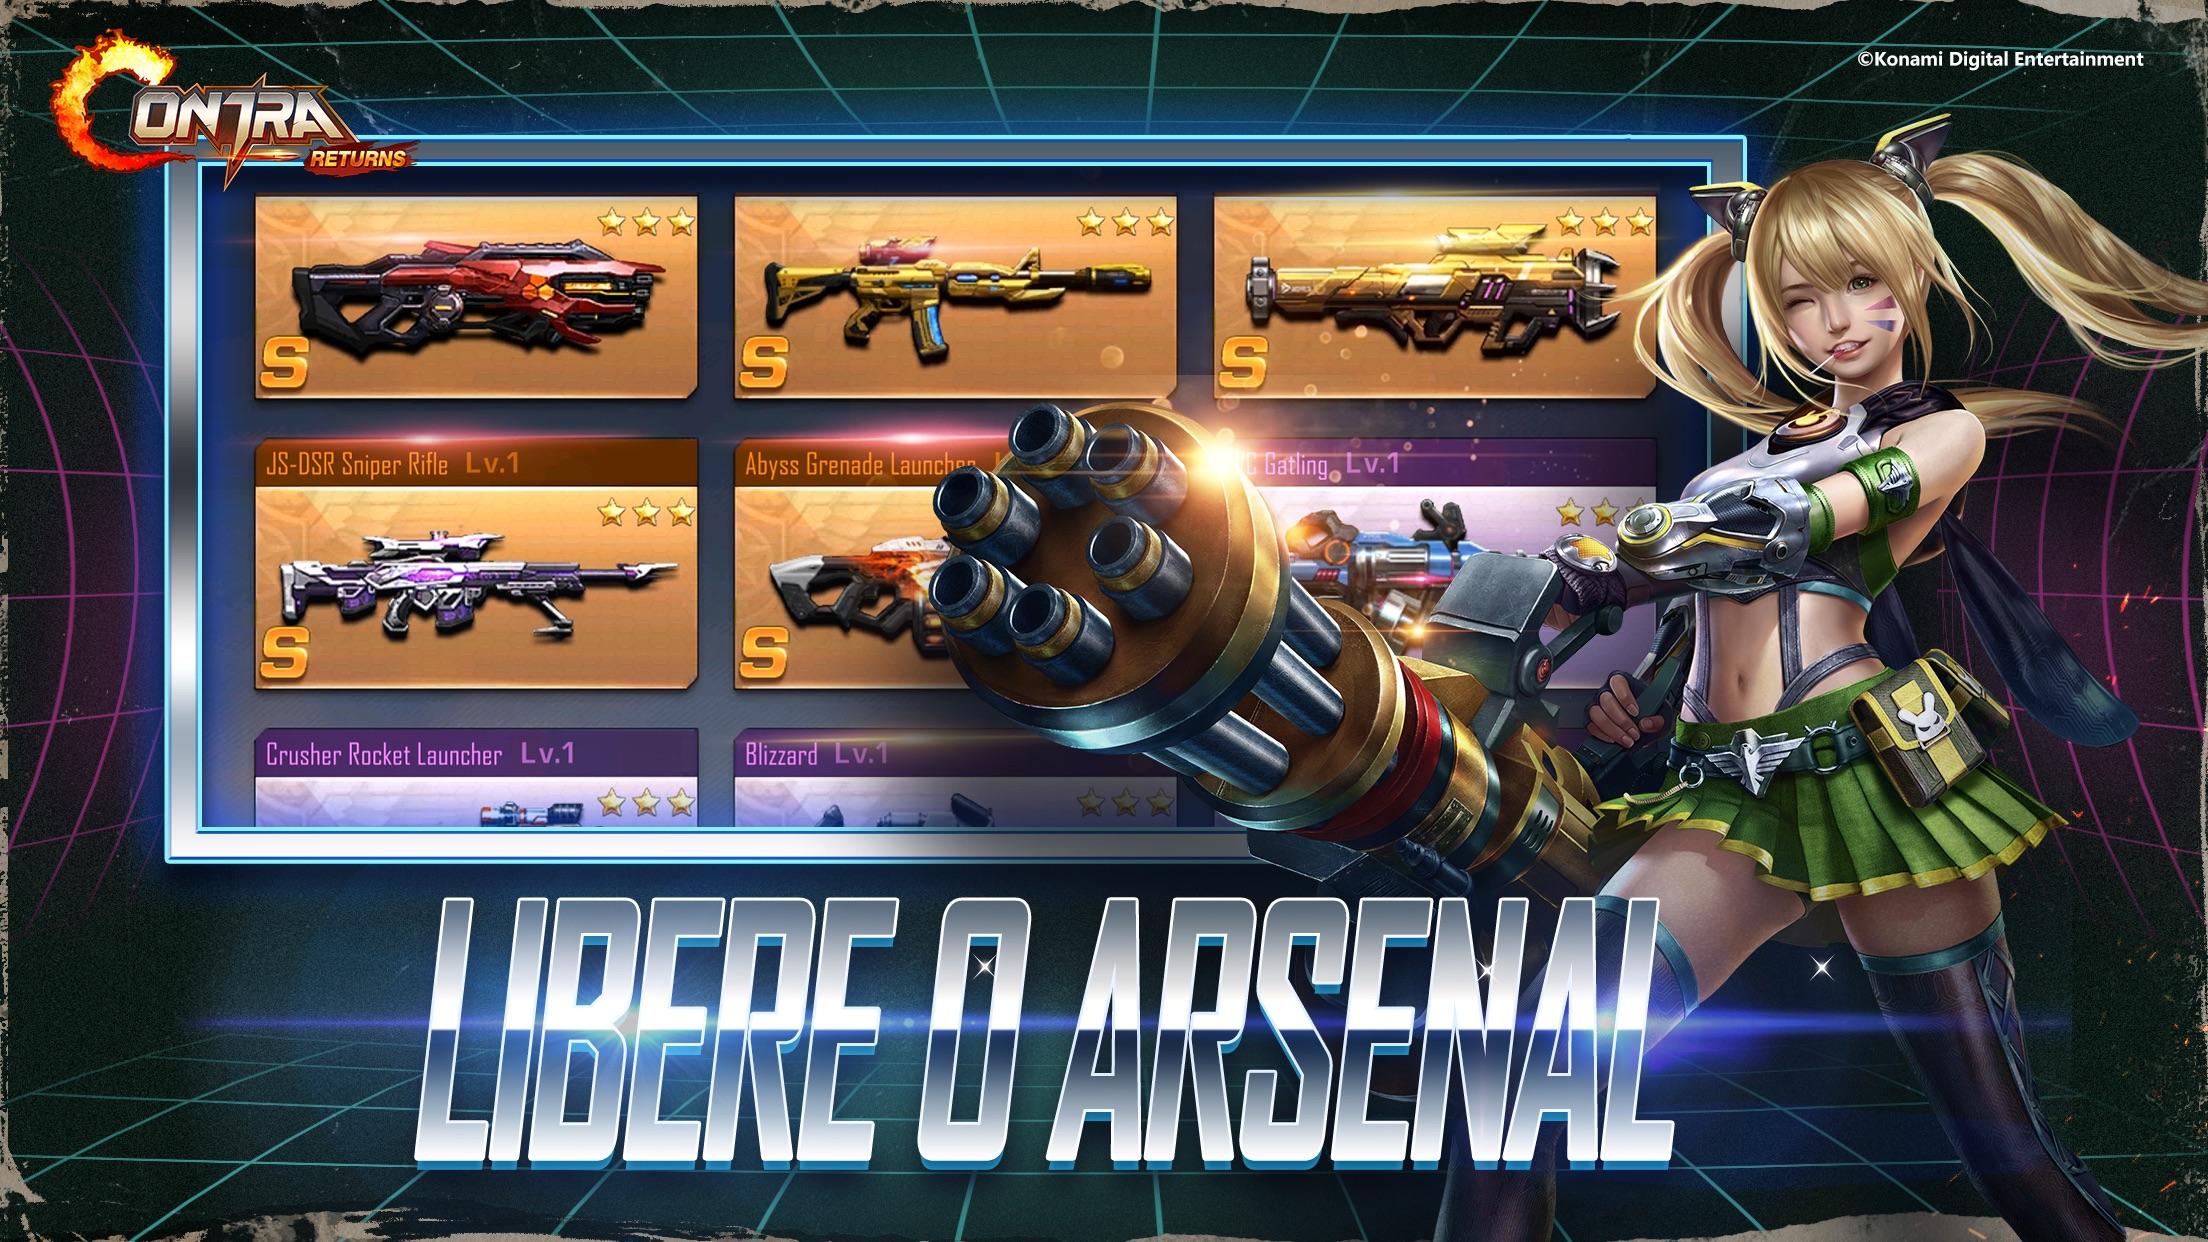 Screenshot do app Contra Returns